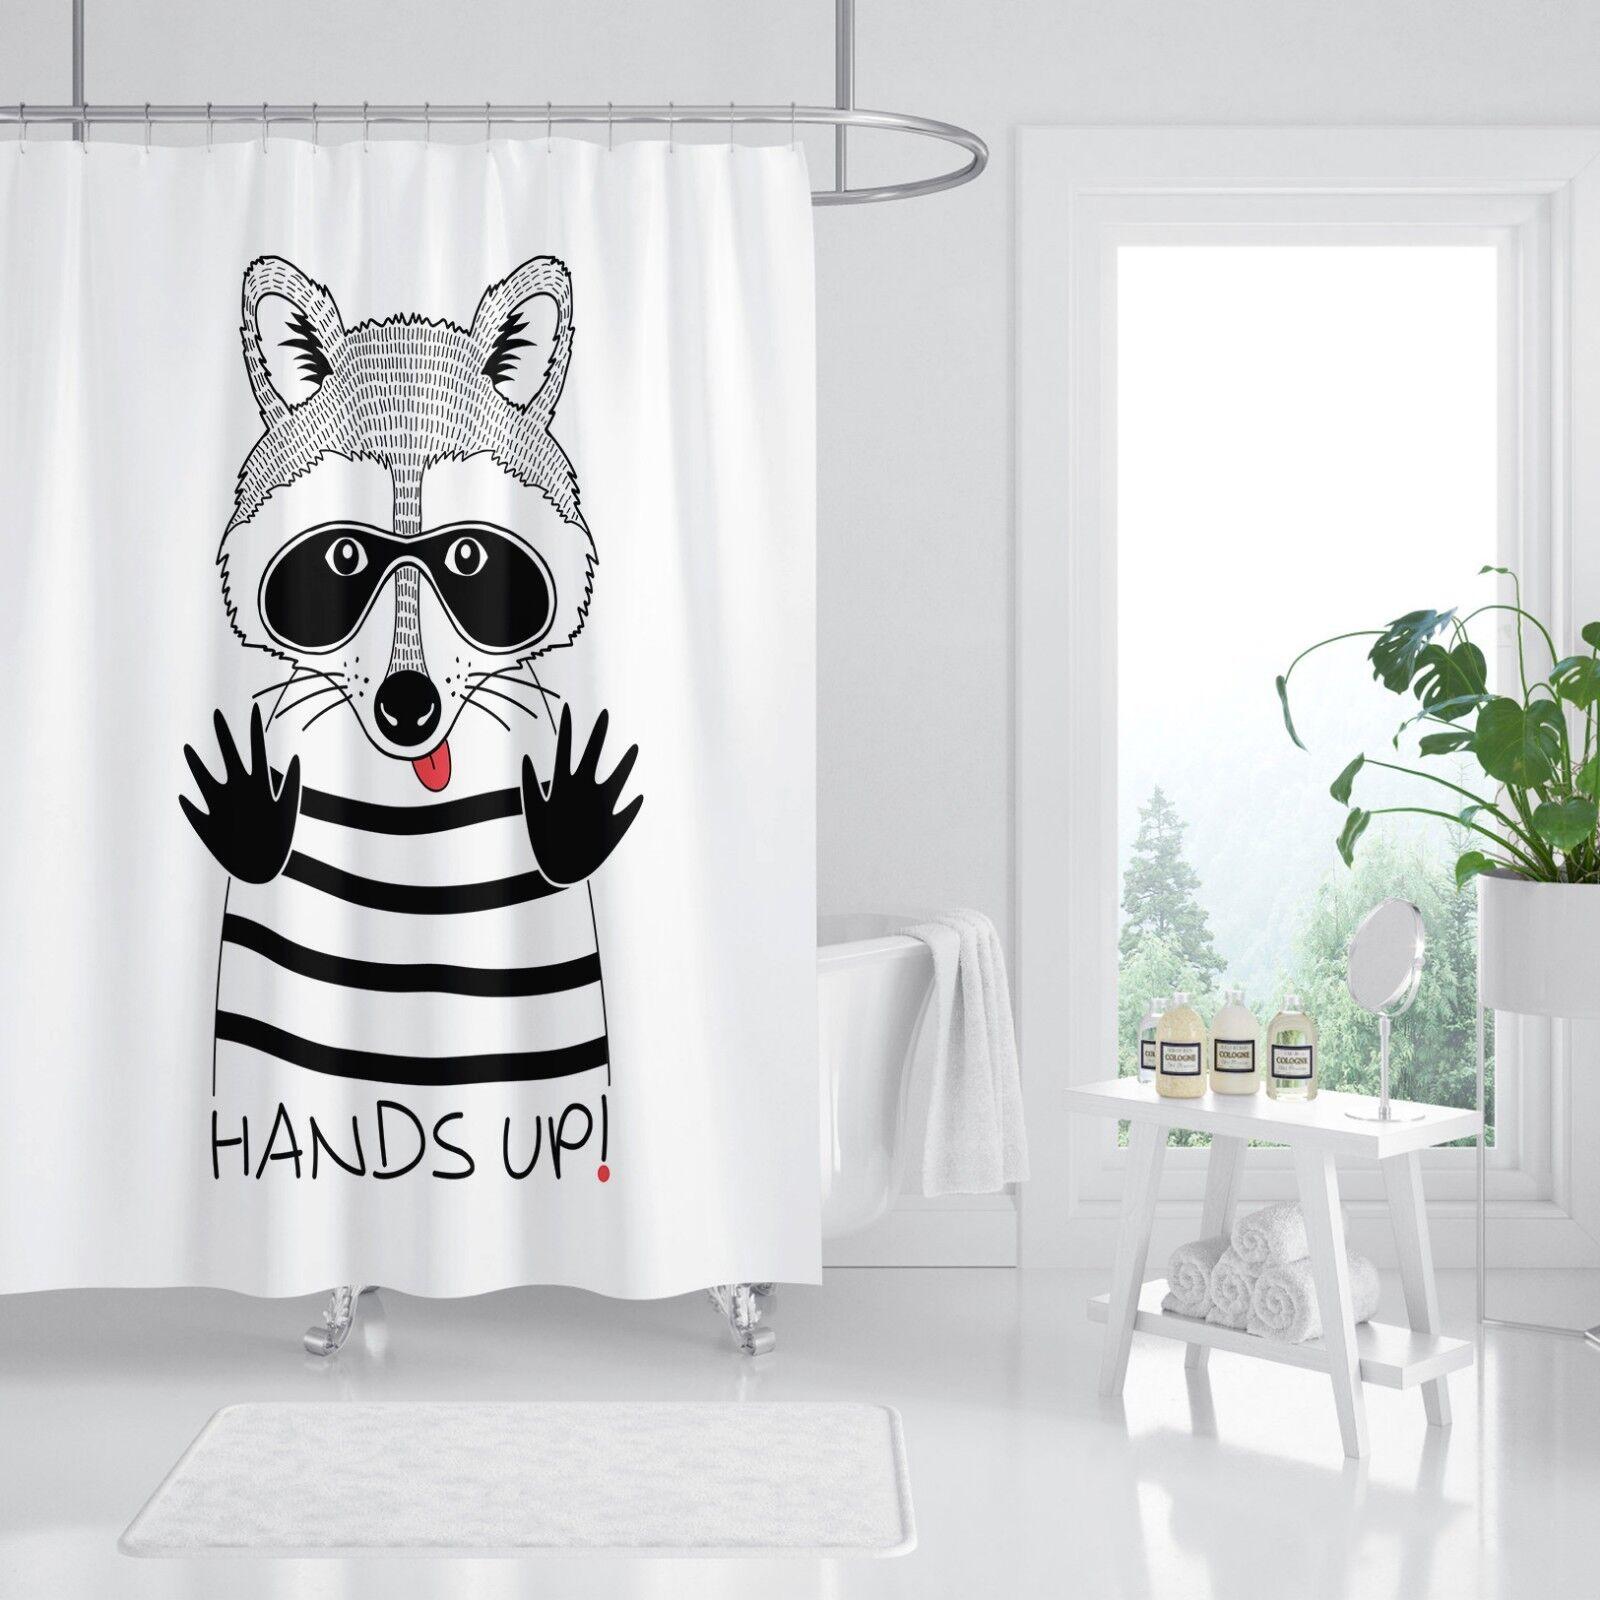 3D Noir Blanc 4 Rideau de Douche Imperméable Fibre Salle de Bain Home Windows Toilette